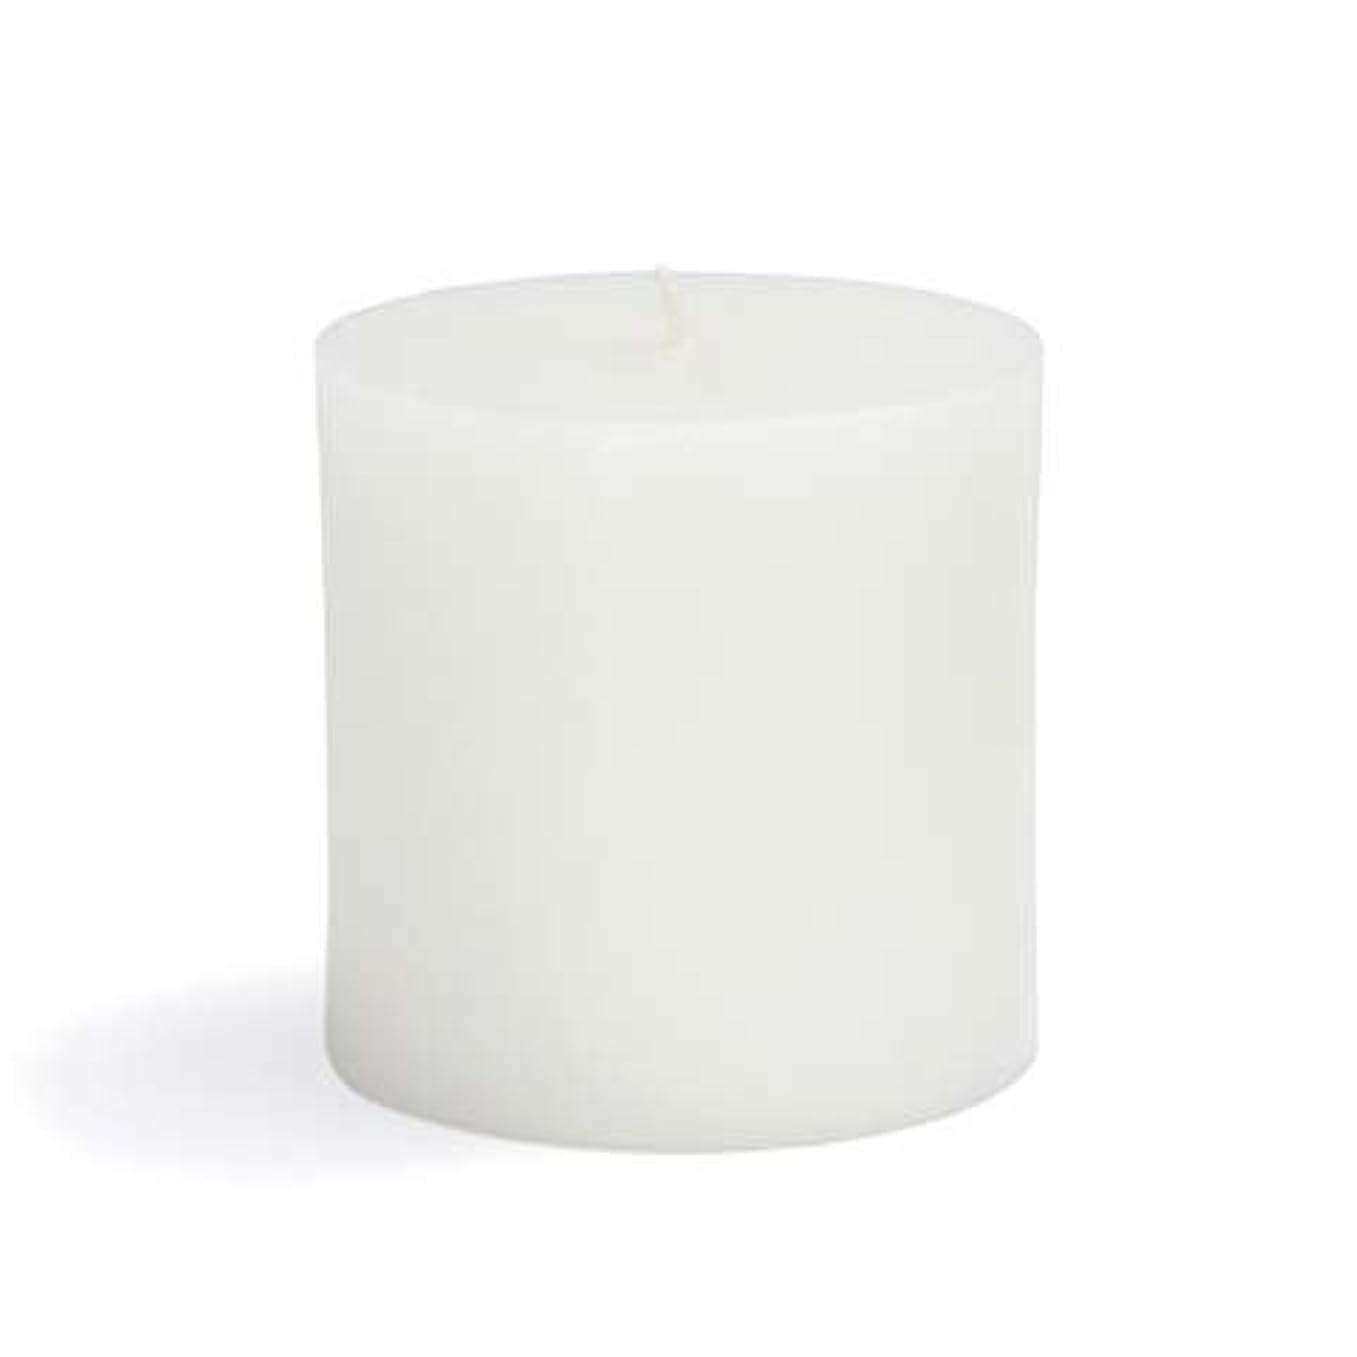 適合する自然公園スローZest Candle CPZ-071-12 3 x 3 in. White Pillar Candles -12pcs-Case- Bulk